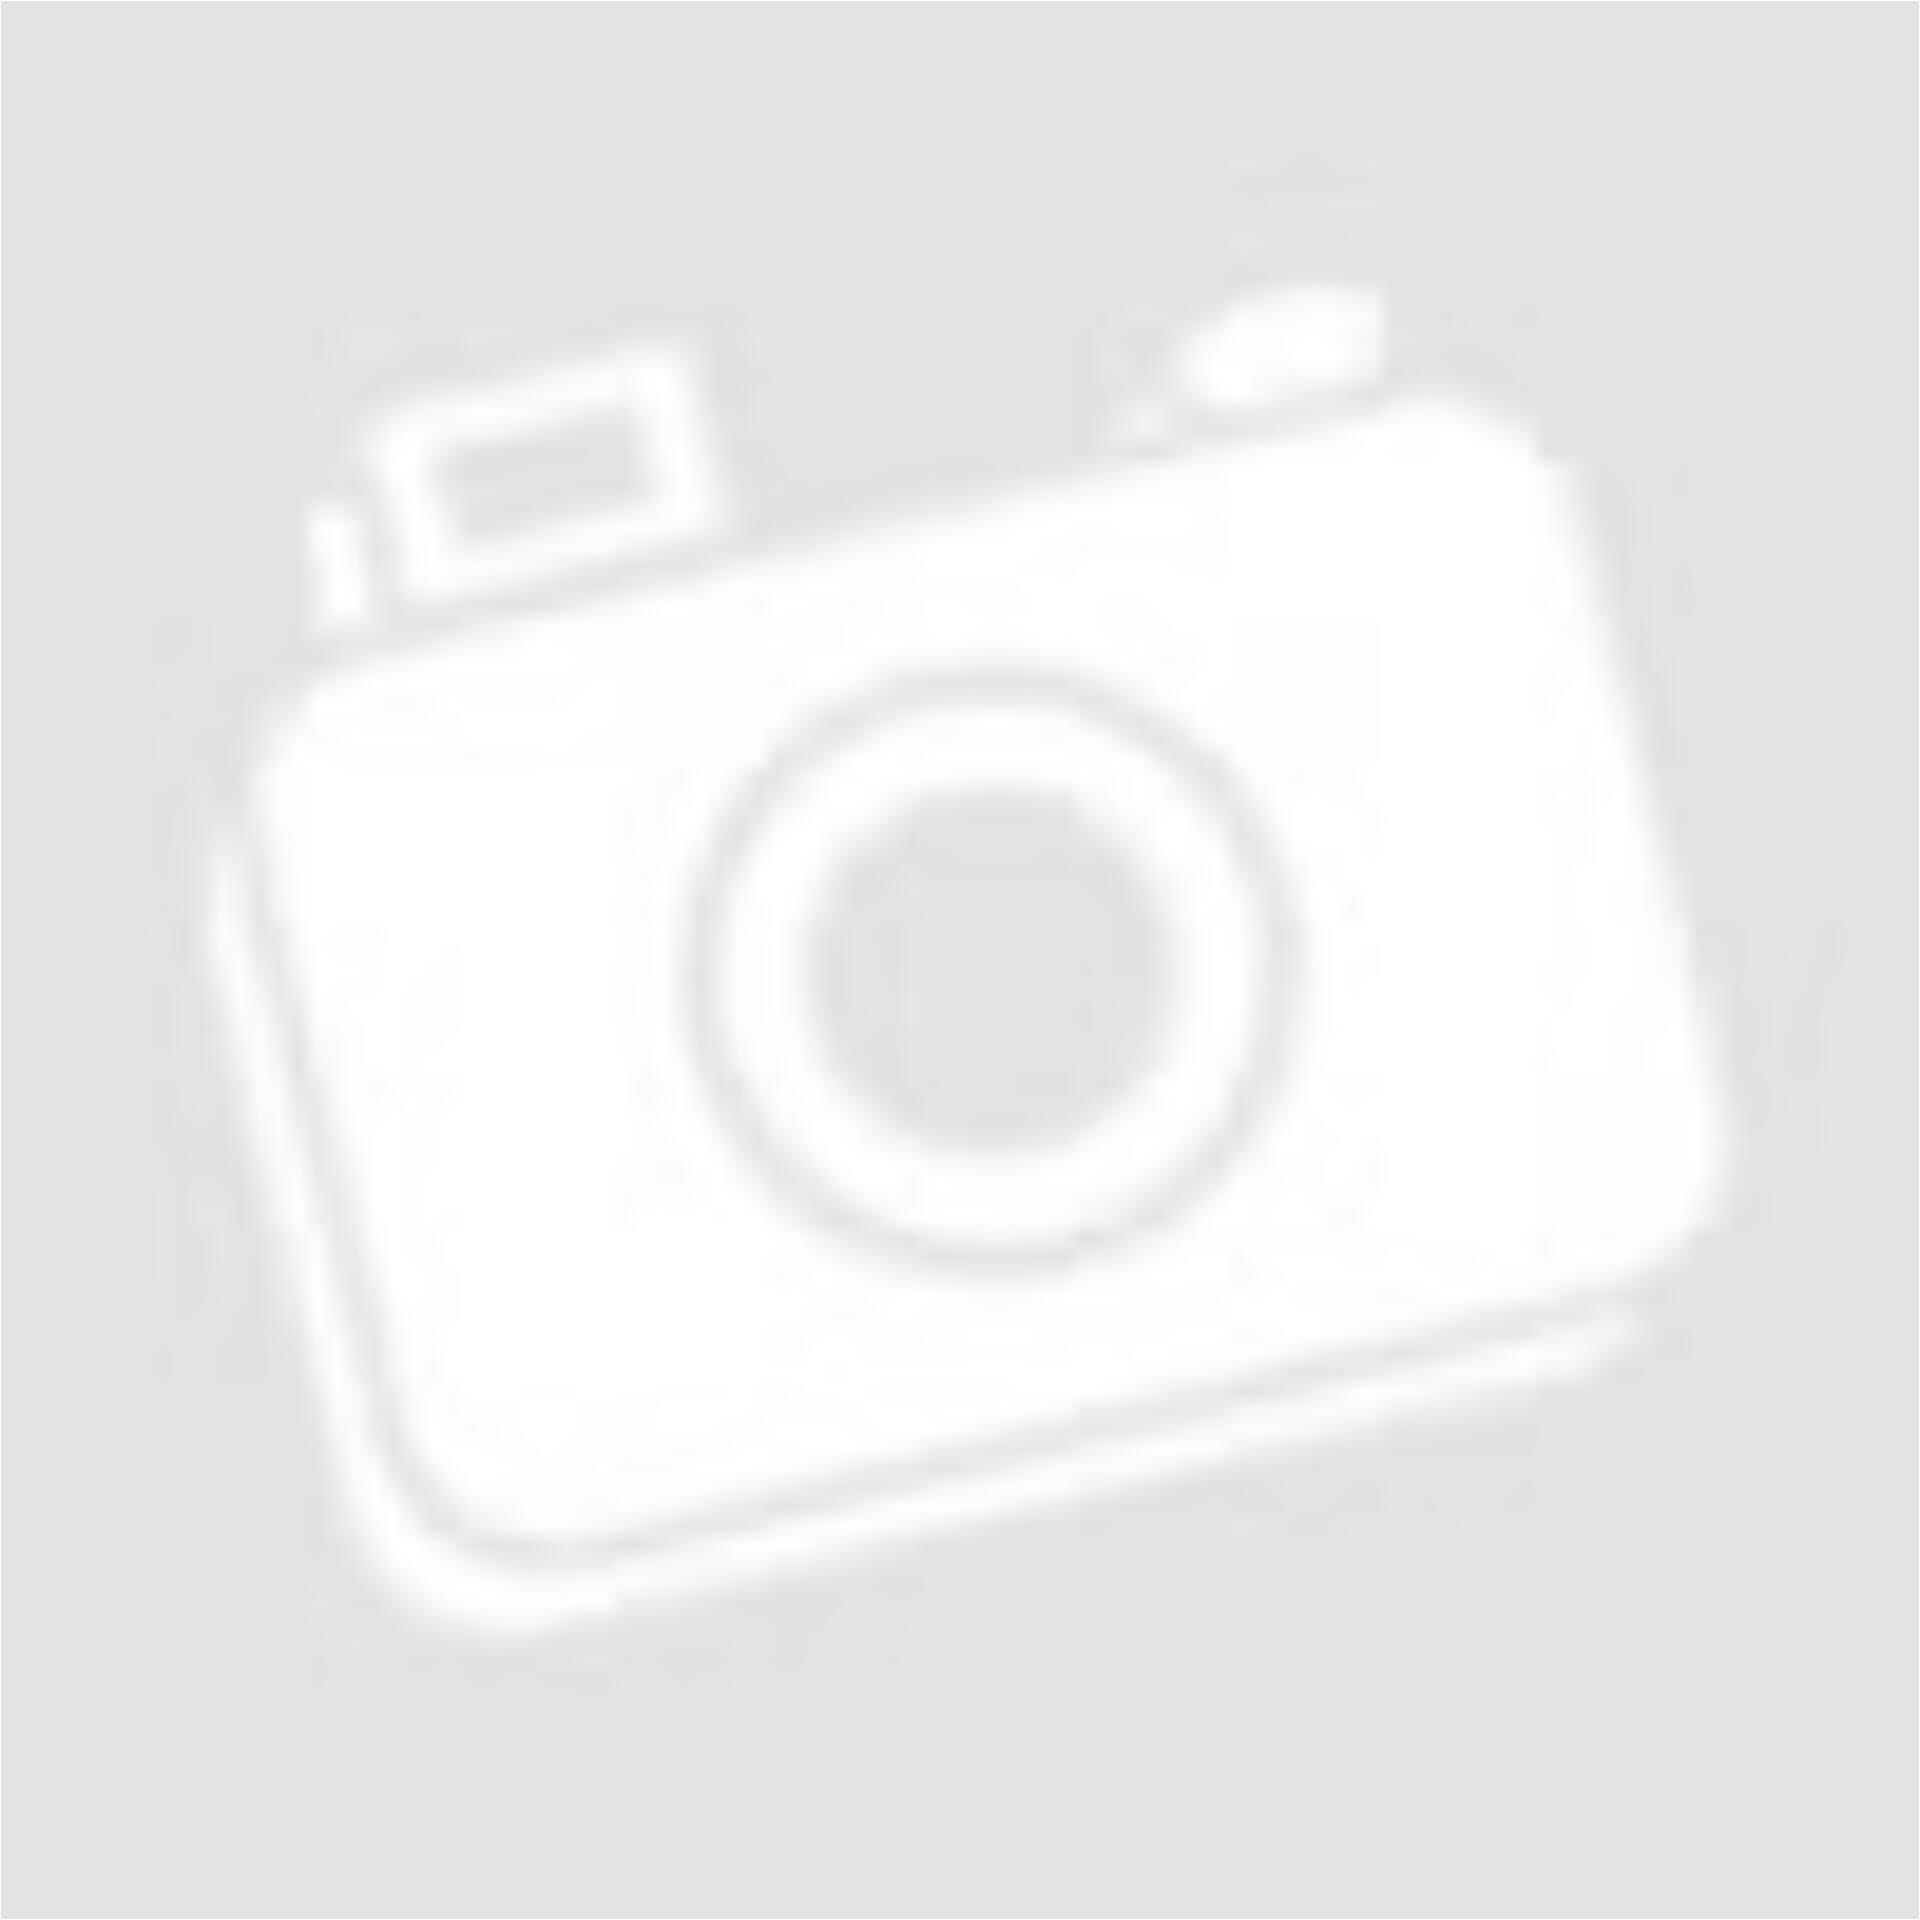 5965d9abfe Kép 1/2 - MARTOMAD piros, kék és fehér színű kockás ing (Méret: L)